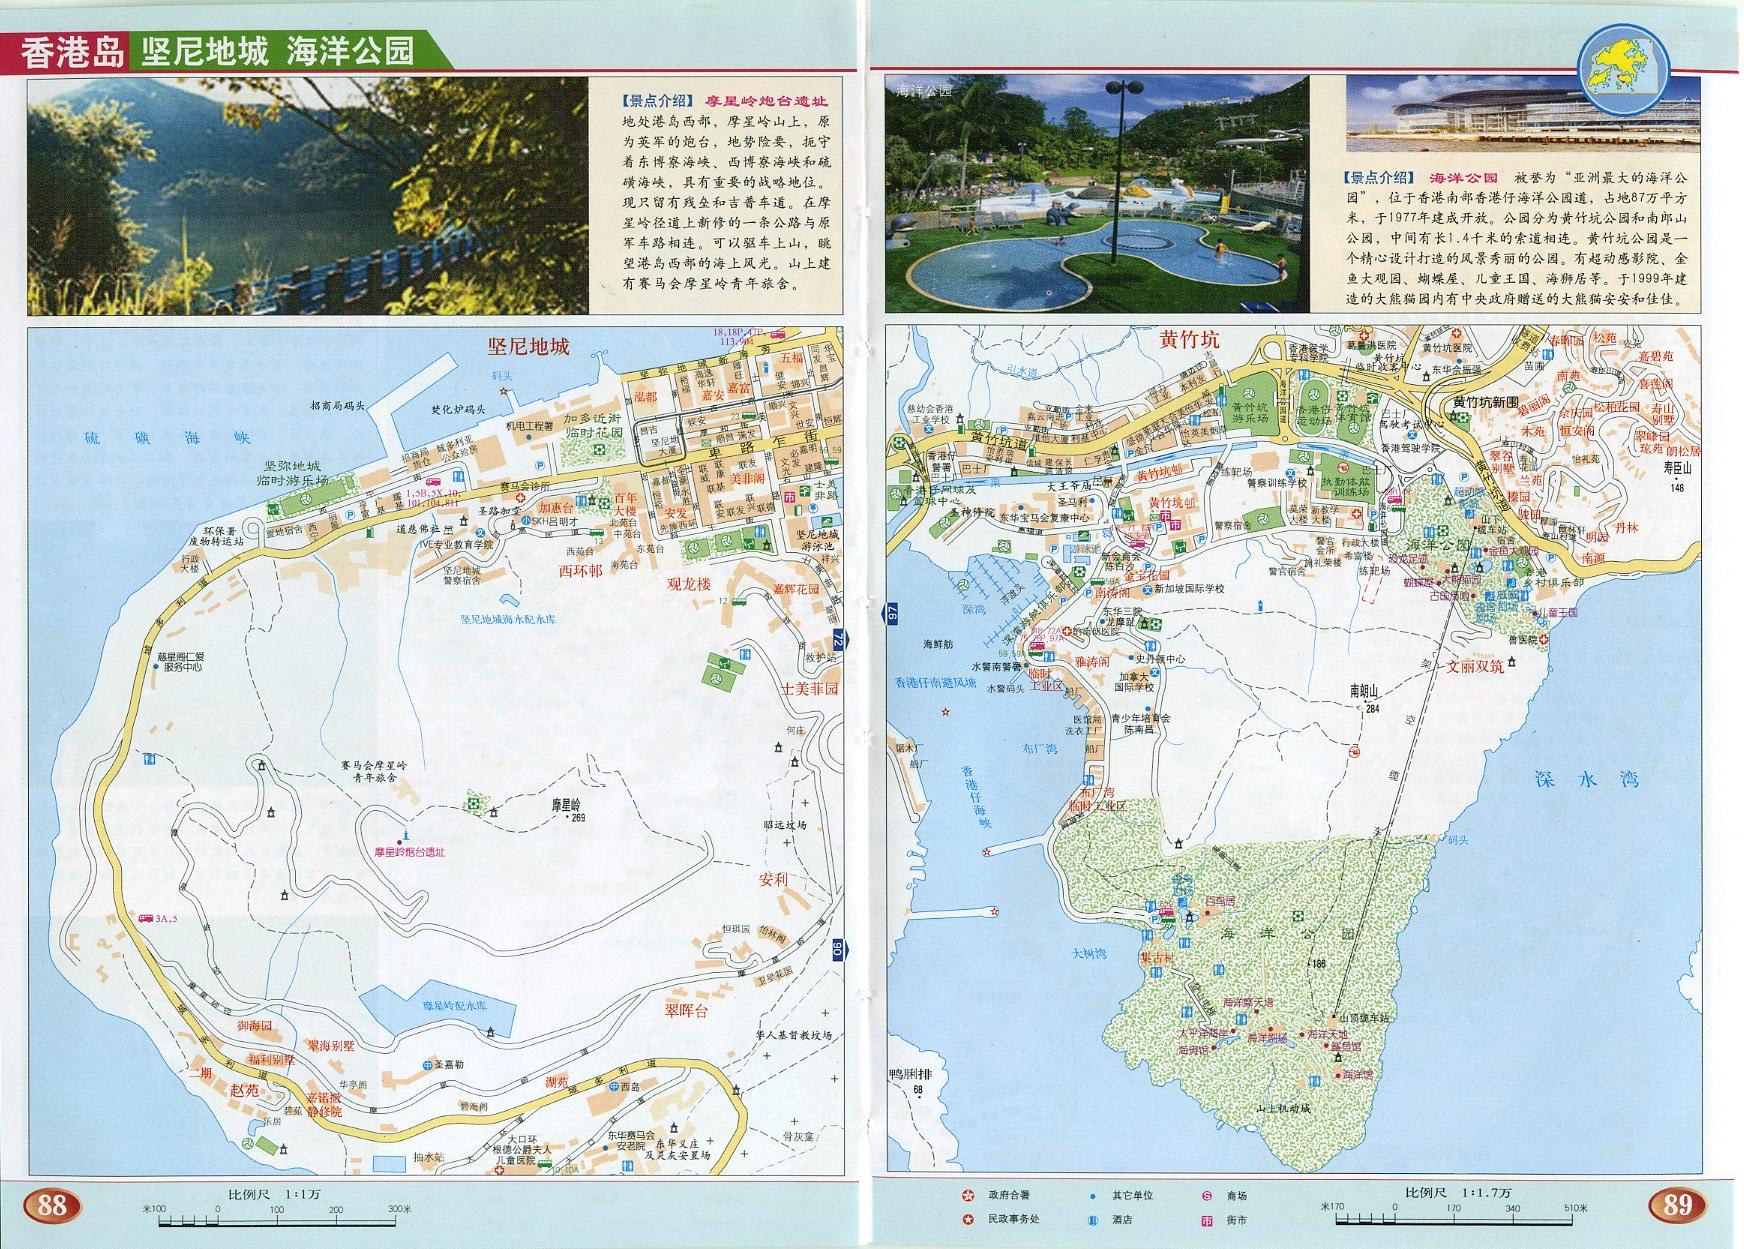 香港岛 海洋公园地图高清版